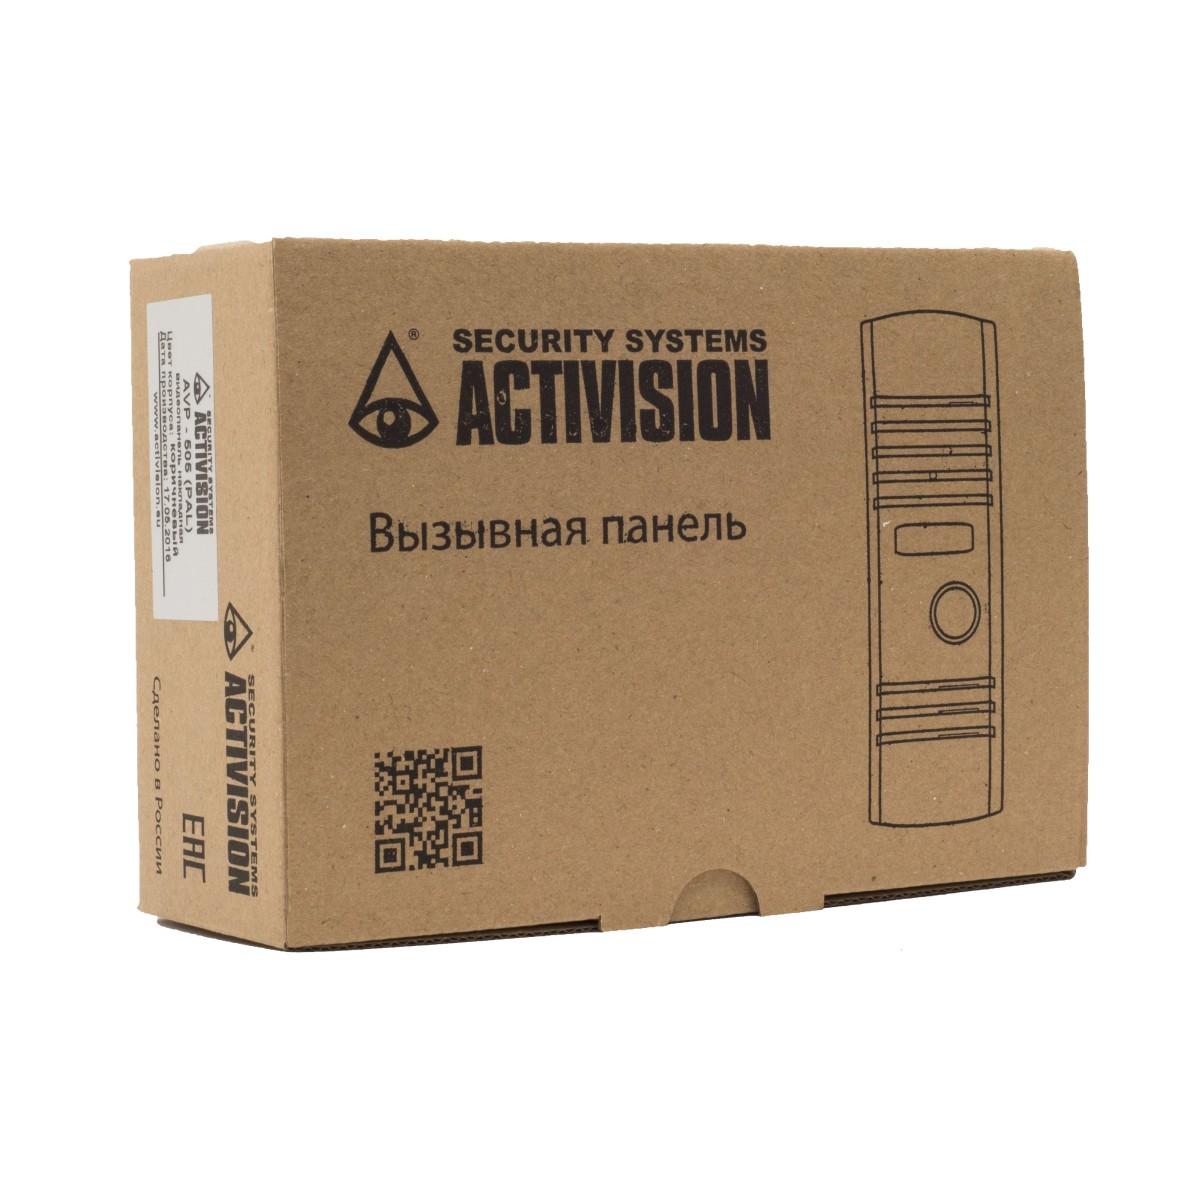 Видеопанель вызывная Activision AVP-505 внутренняя цвет коричневый IP54